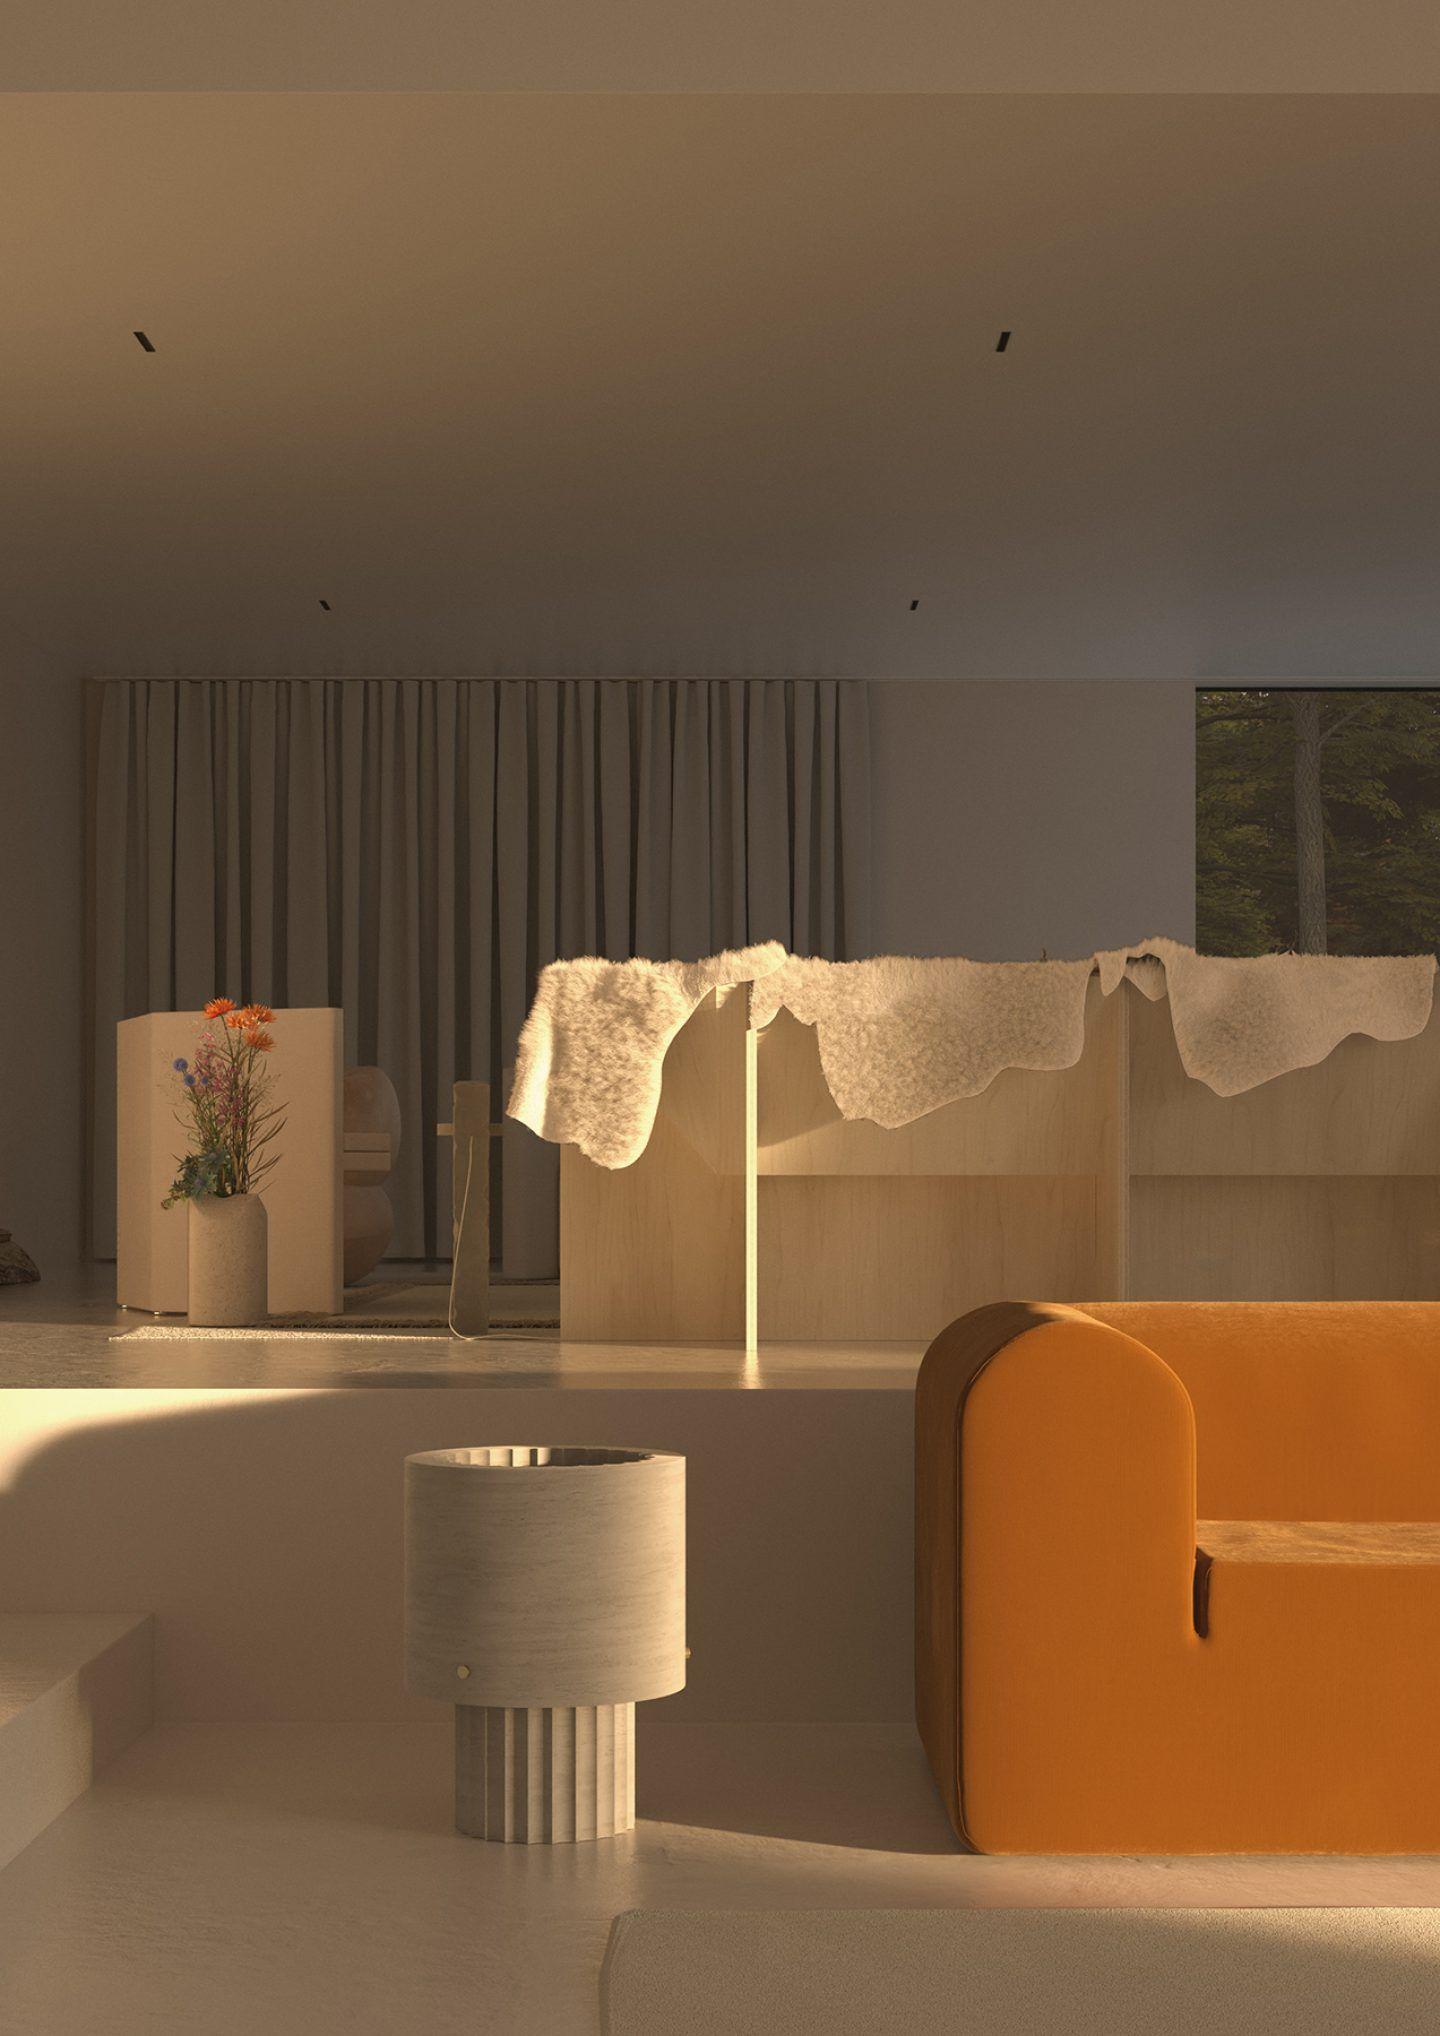 IGNANT-Art-Services-Generaux-Maison-02